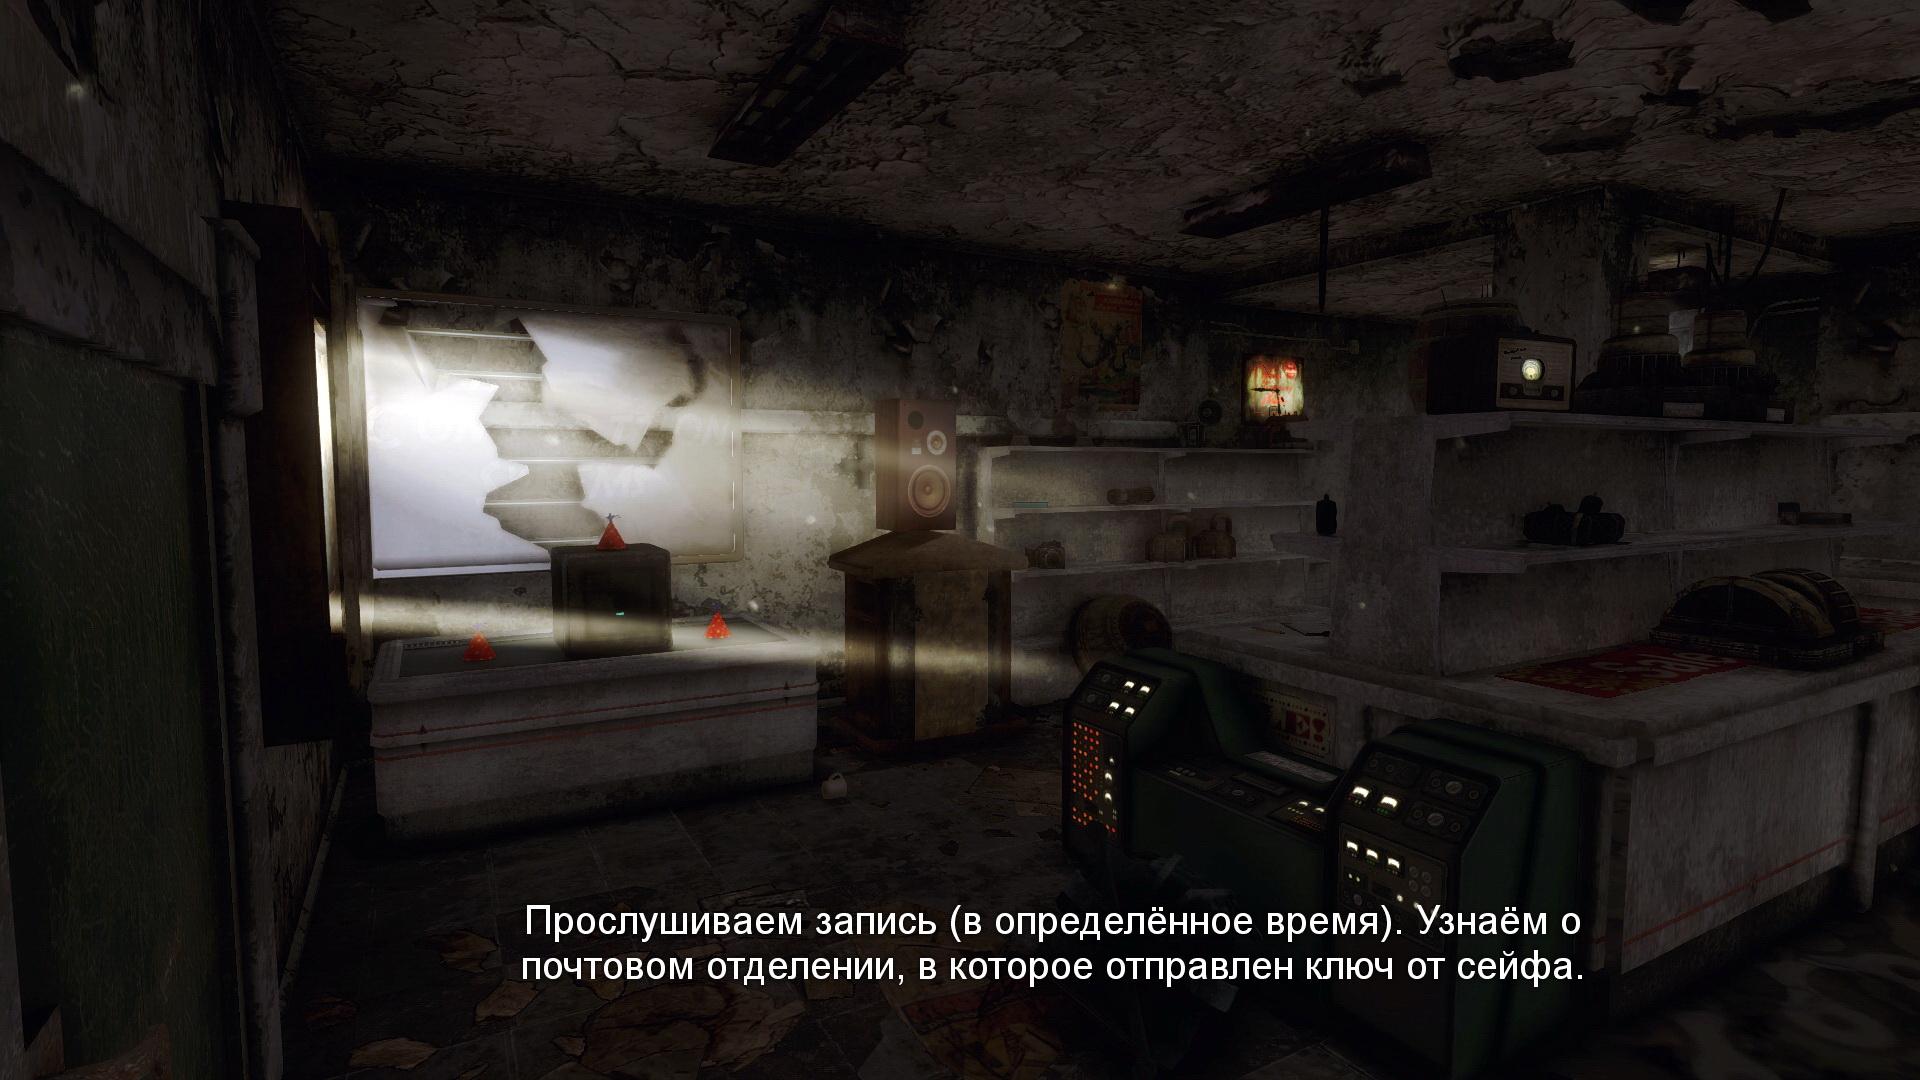 23113108.jpg